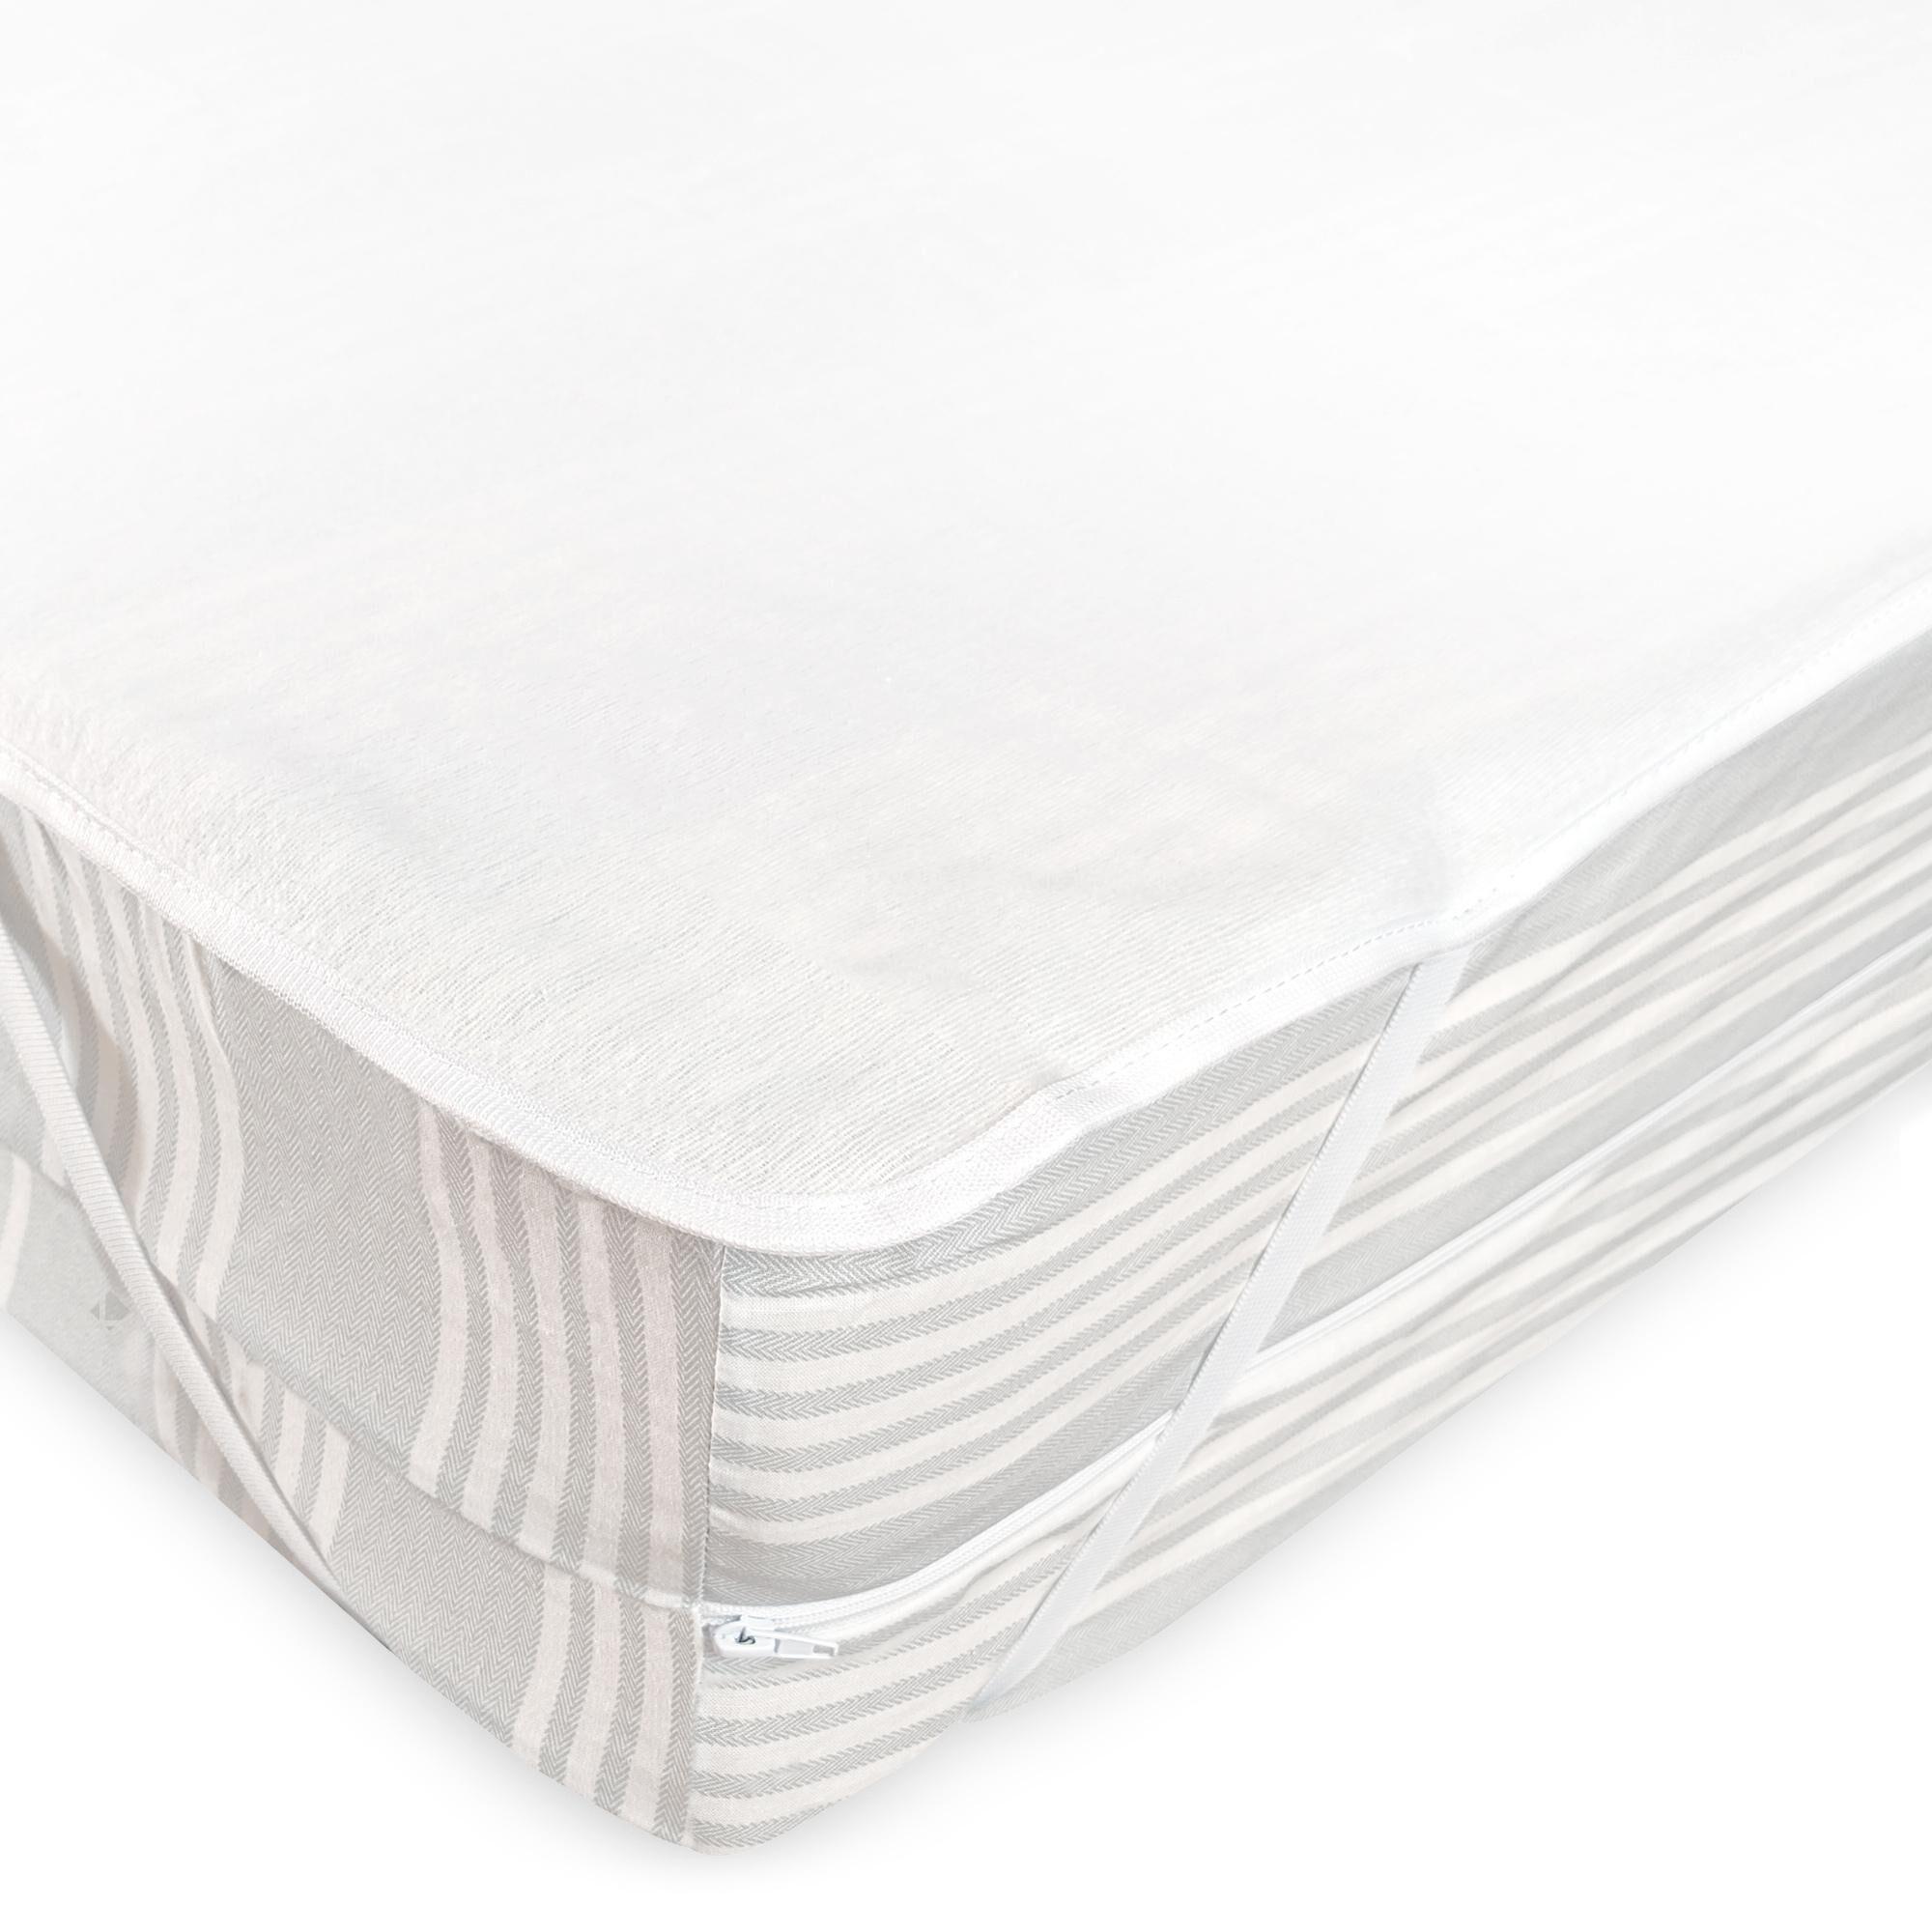 Linnea Alèse plate imperméable 180x200 cm ARNON molleton 100% coton contrecollé polyuréthane